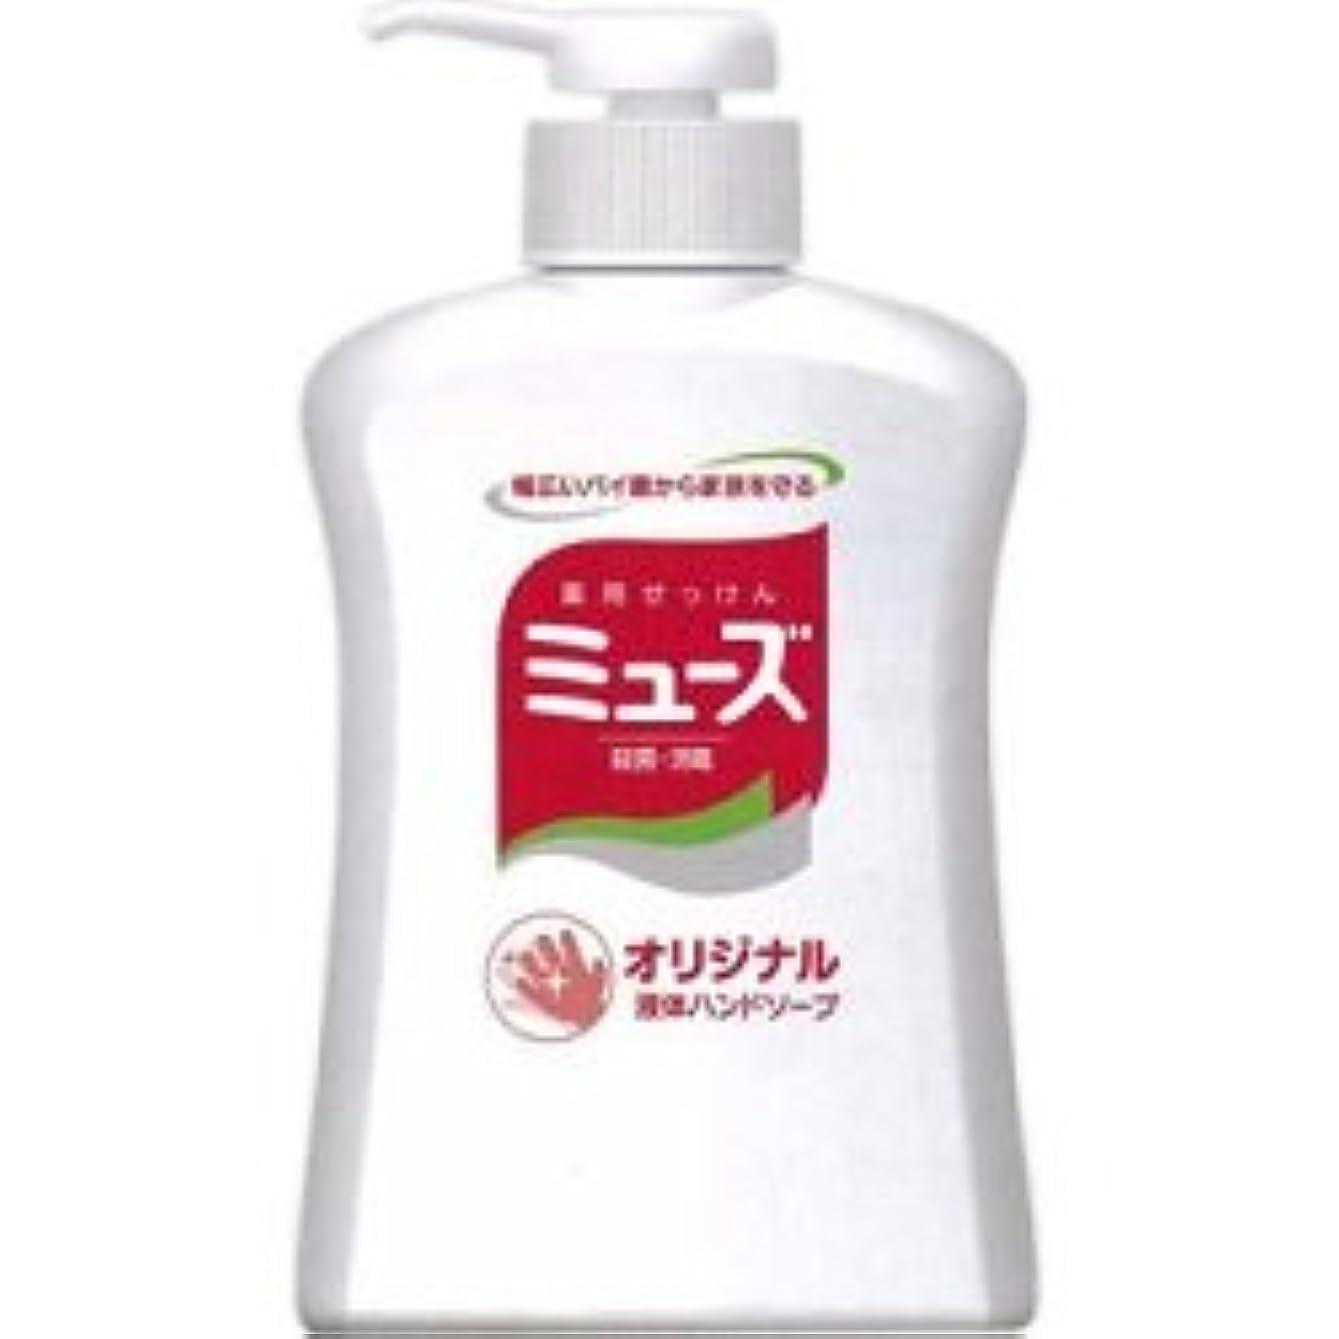 含意放射能リーン【アース製薬】アース 液体ミューズ オリジナル 250ml ×20個セット